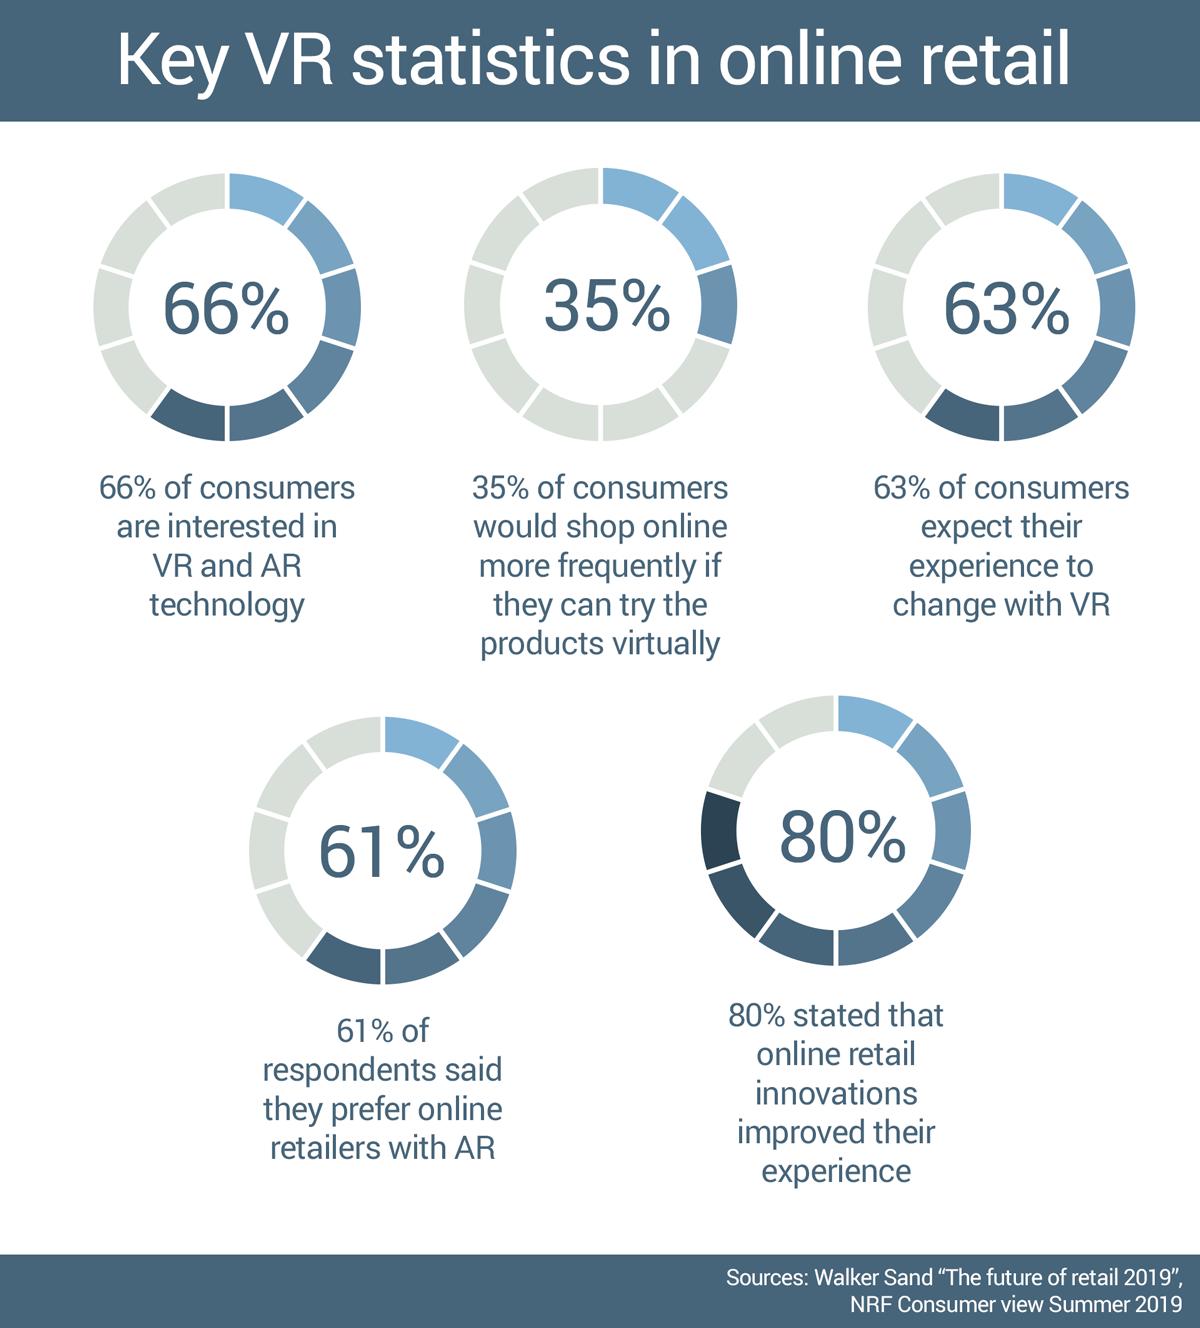 vr statistics in online retail